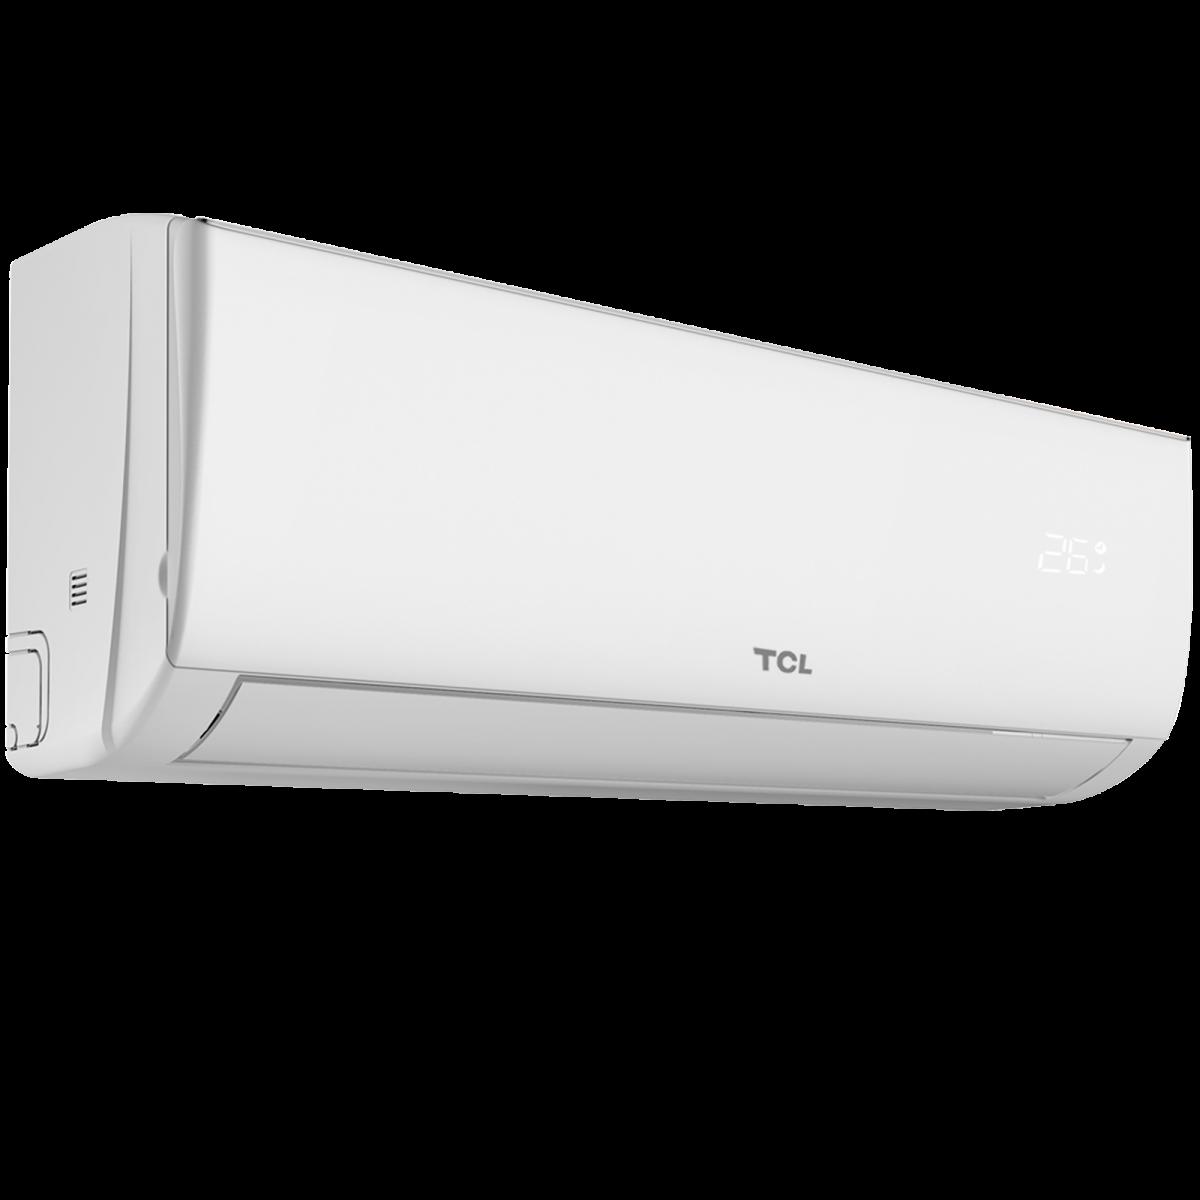 TCL ELITE 12 / XA91